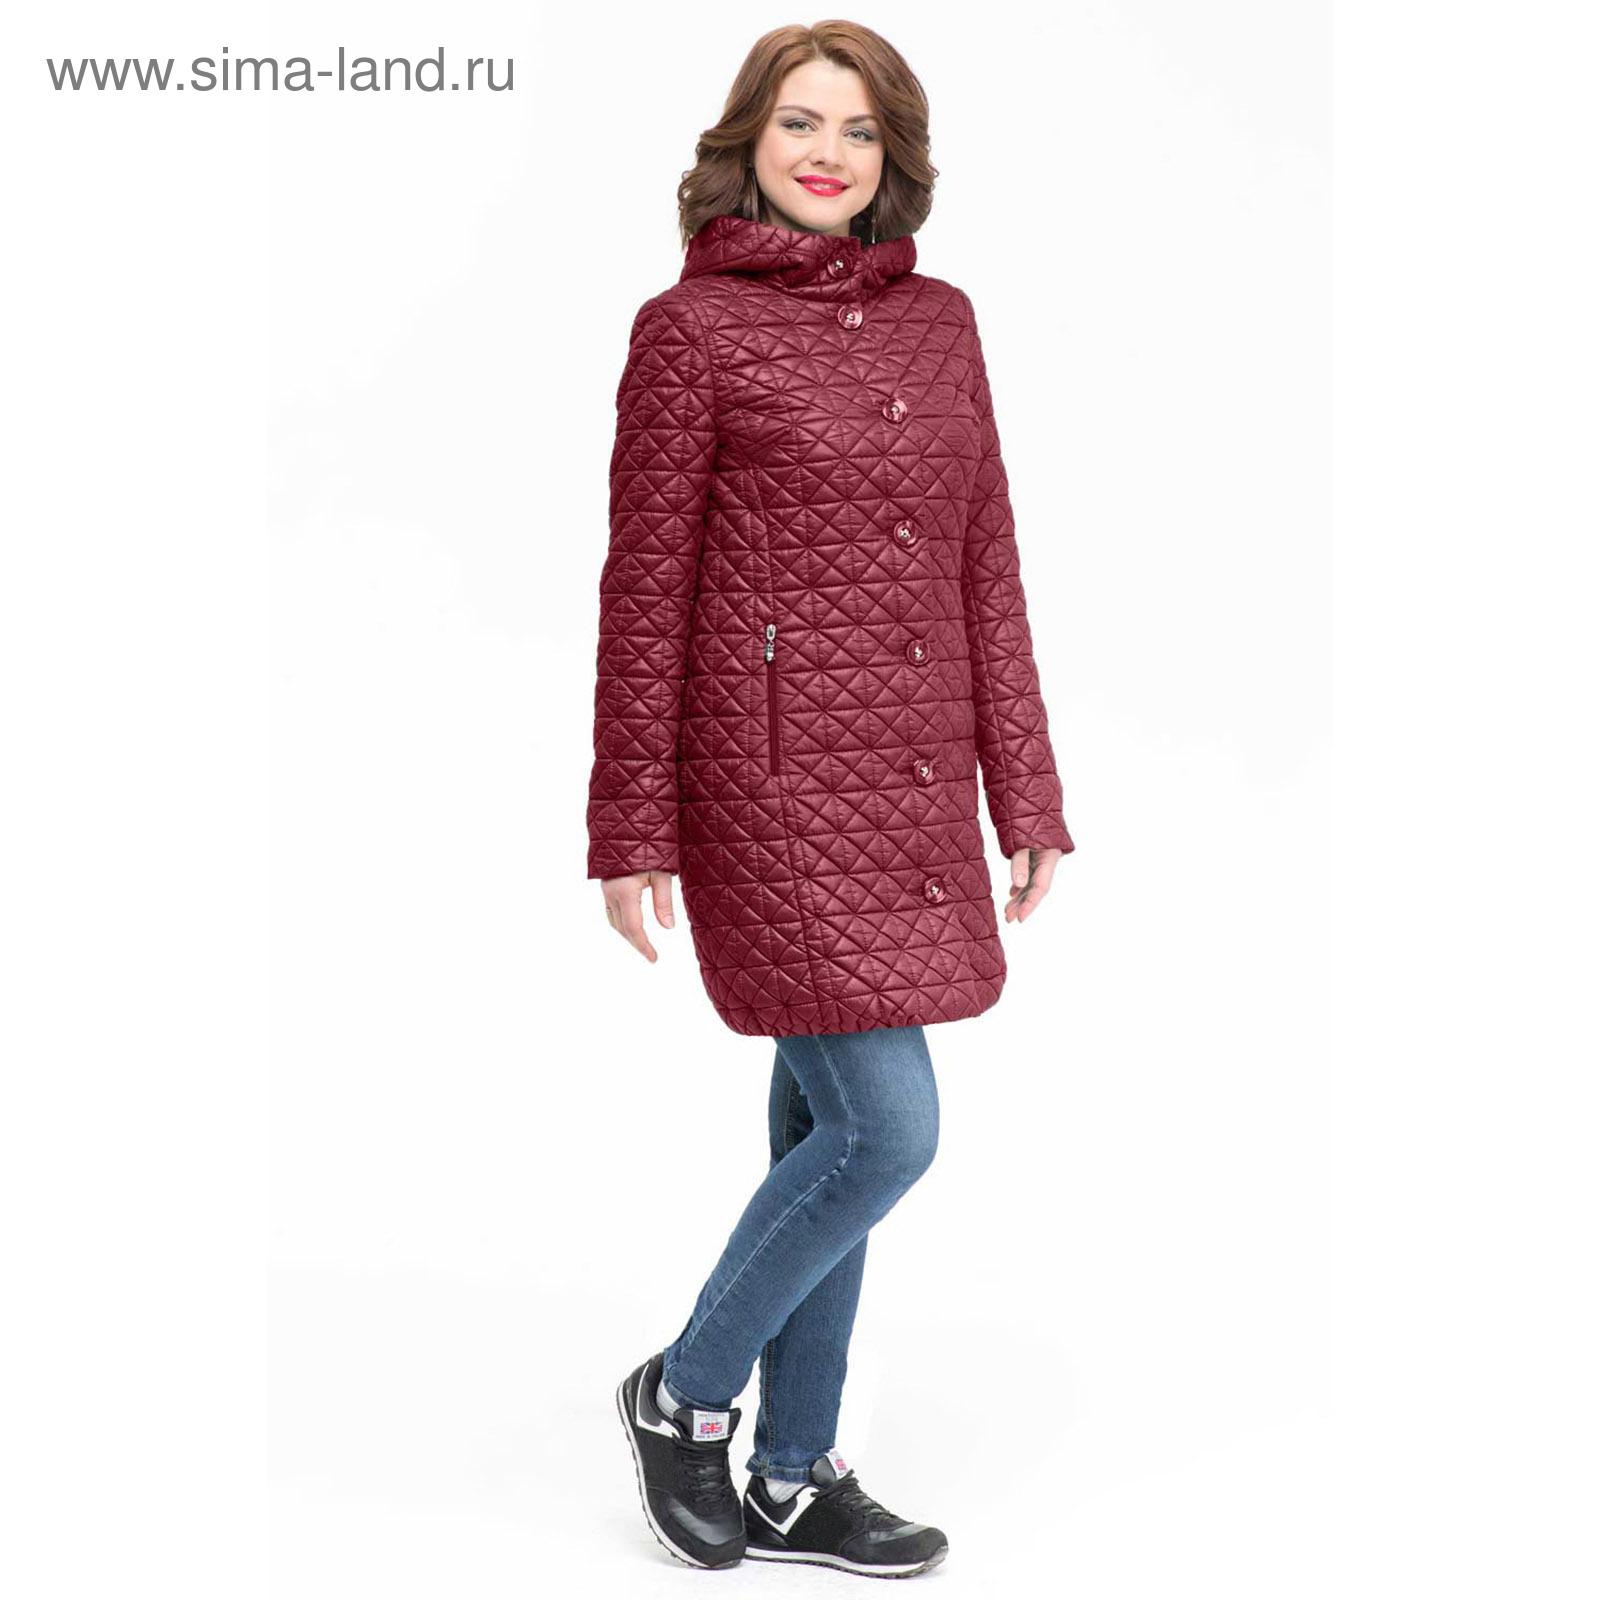 Полупальто женское 3-683-60 цвет румба 3426cd8907084